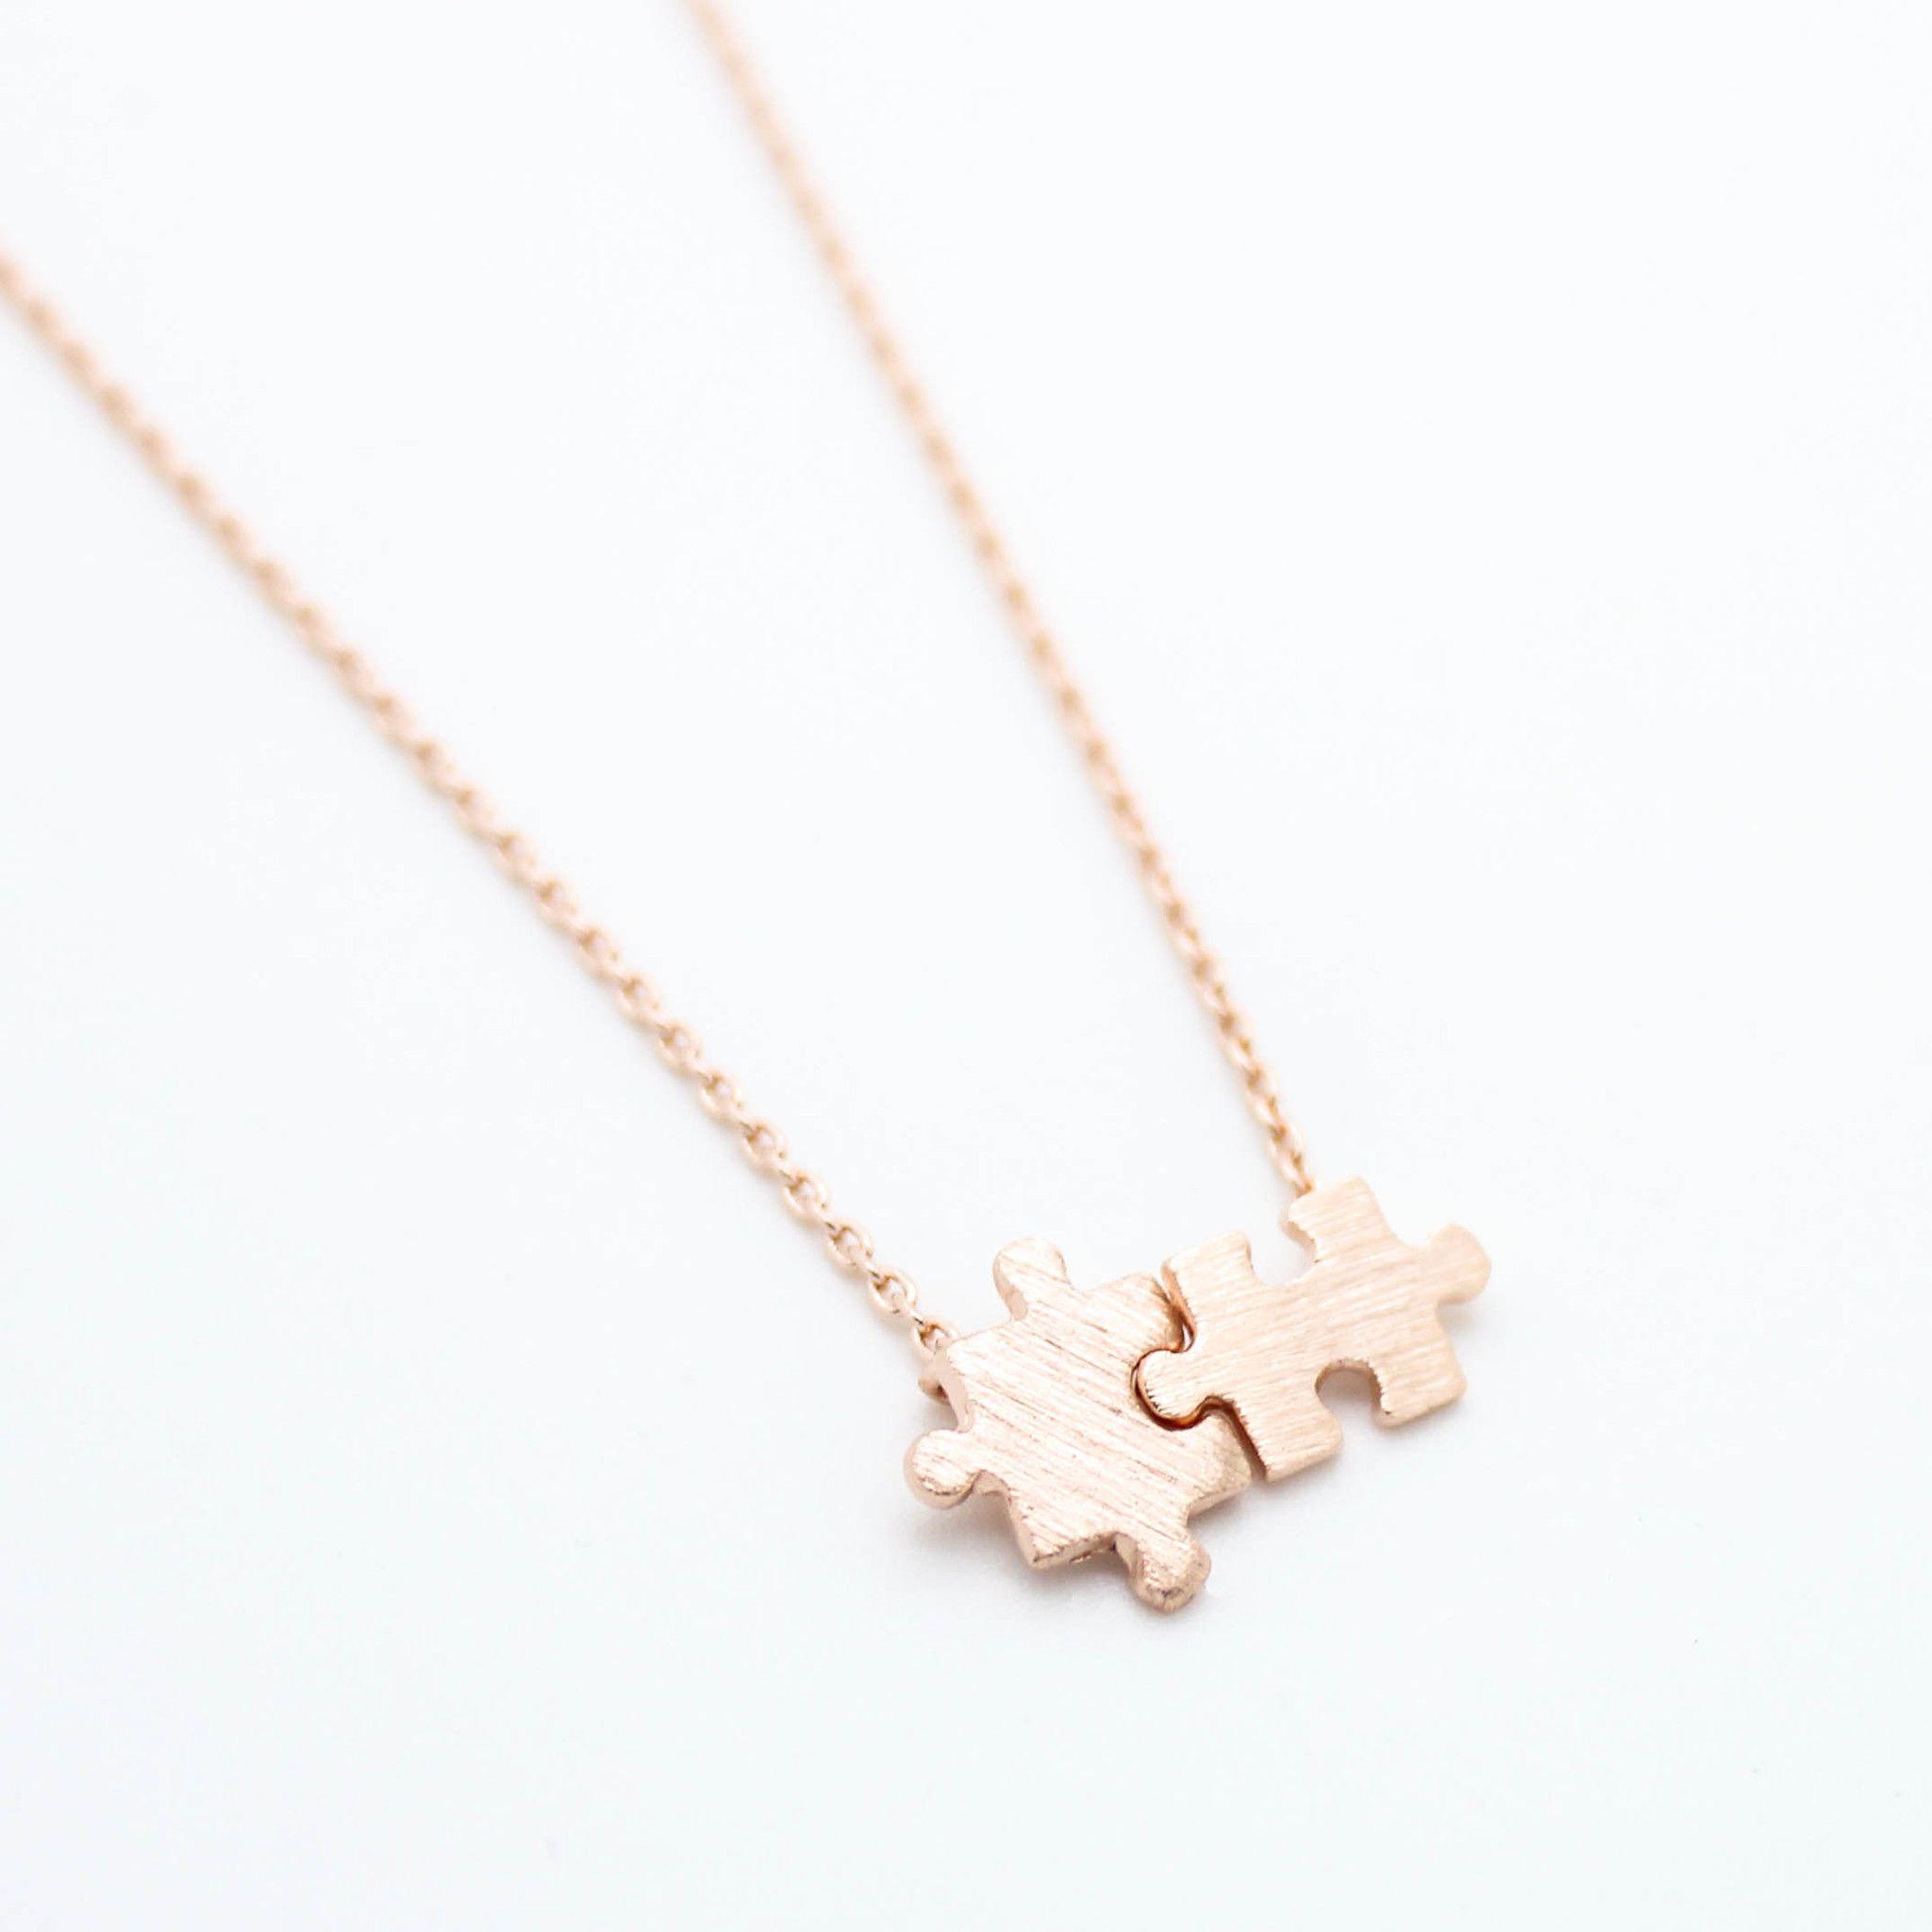 Puzzle pieces necklace pinterest puzzle piece necklace